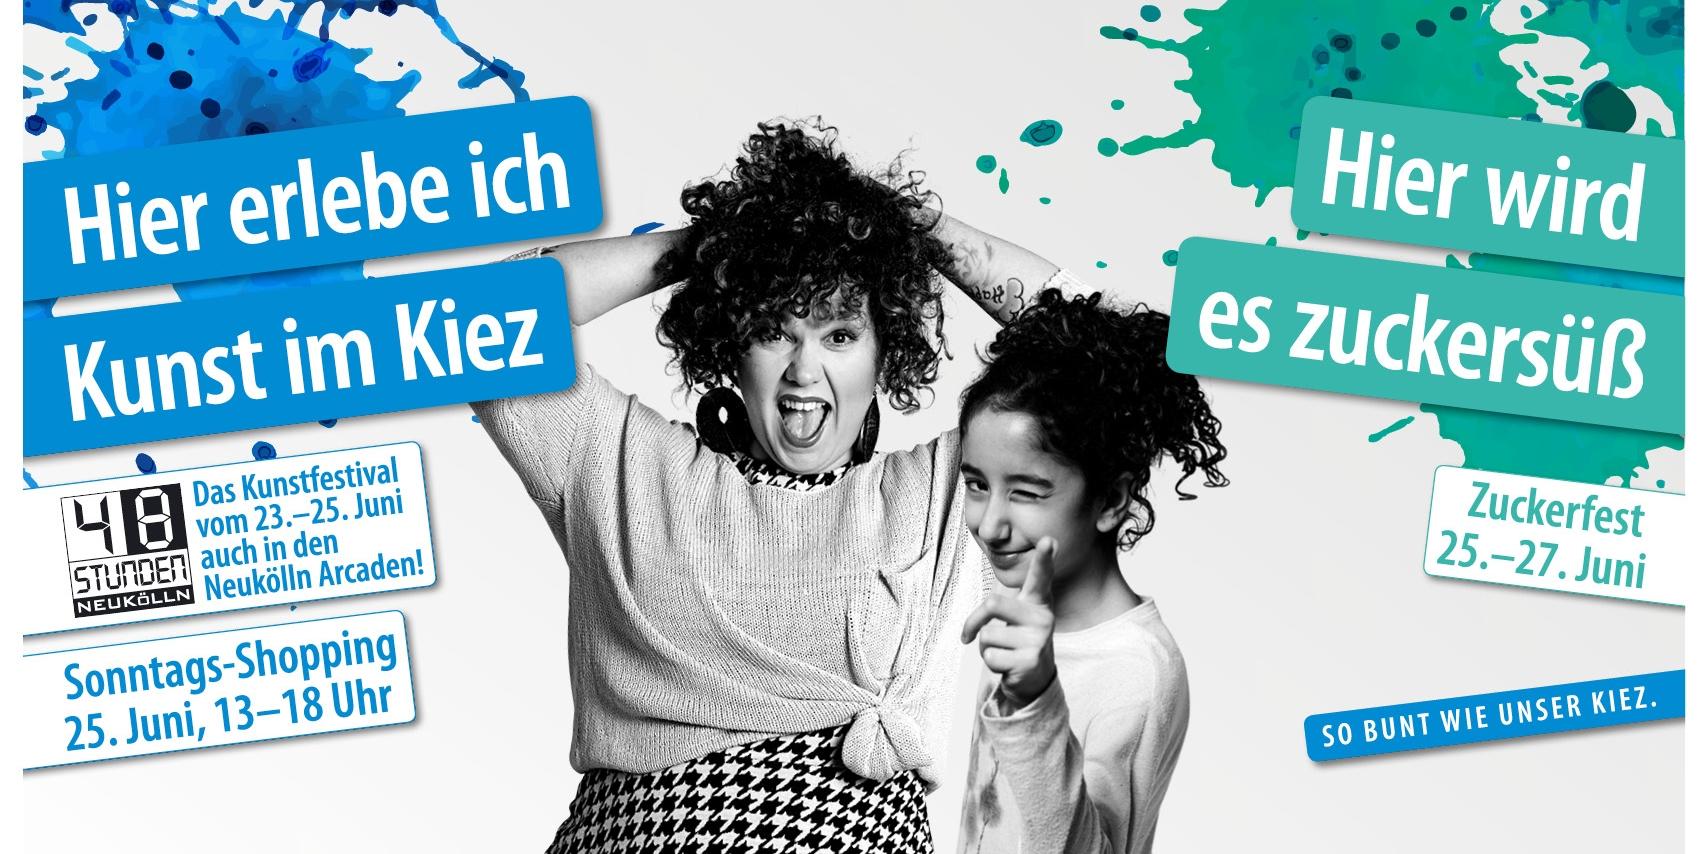 48 Stunden Neukölln - Das Kunst- und Kulturfestival in den Neukölln Arcaden